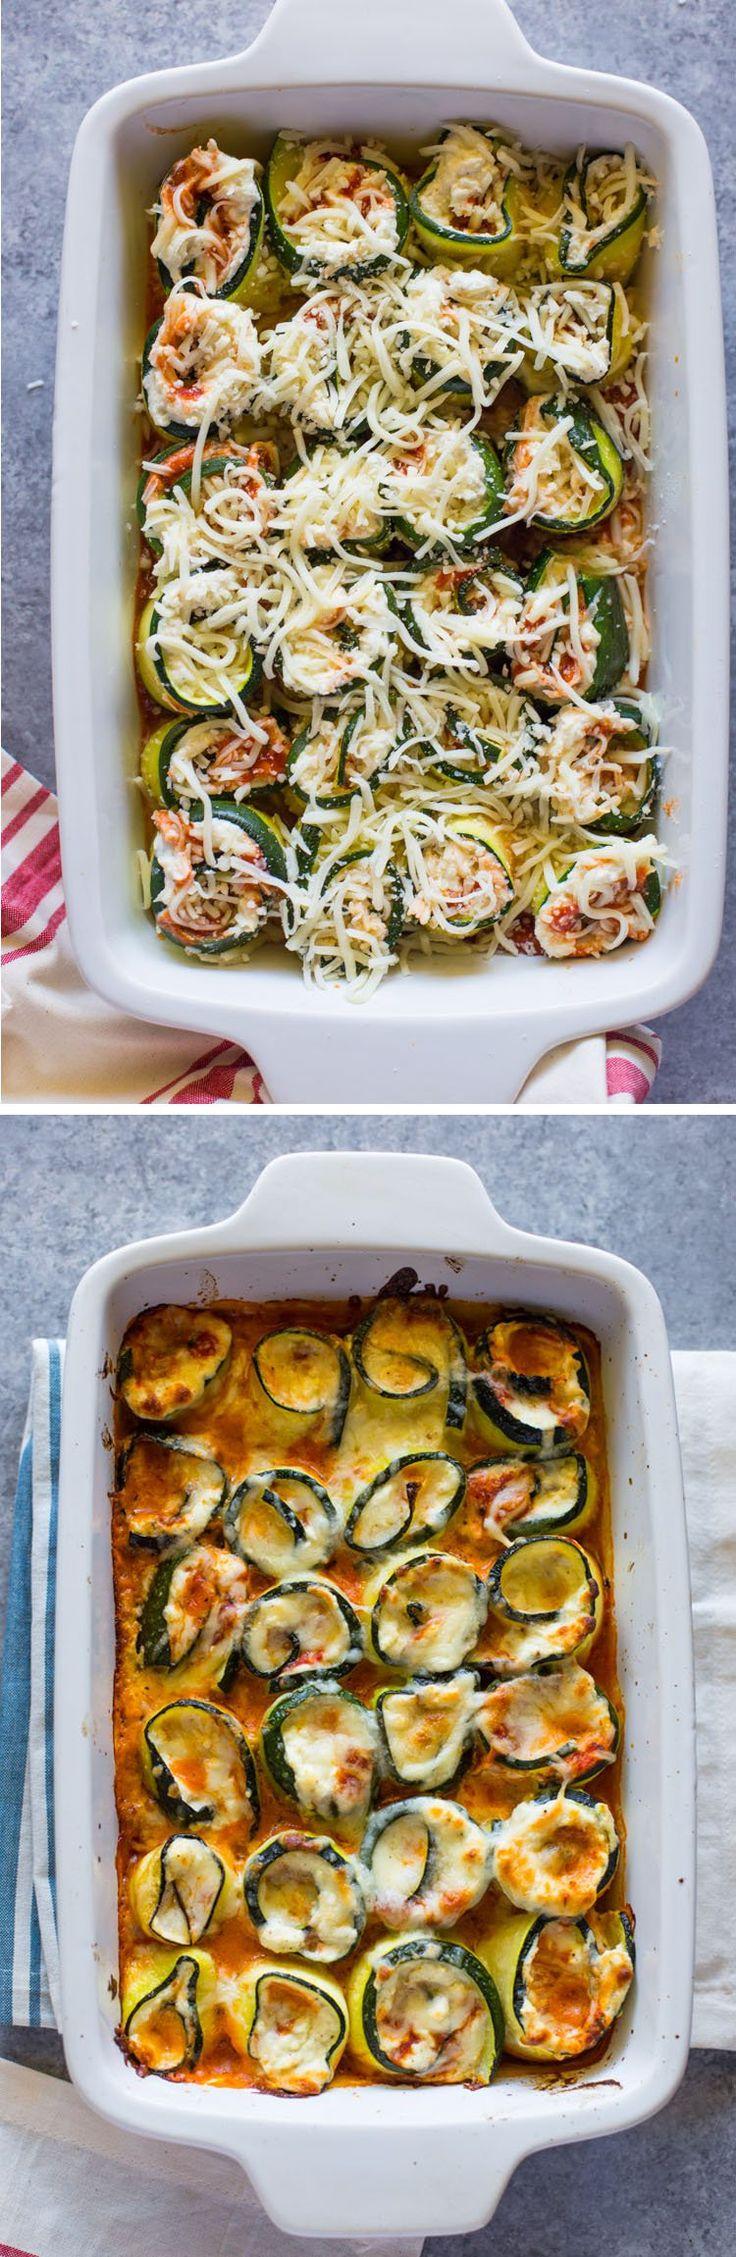 Low-Carb Zucchini Lasagna Roll-Ups